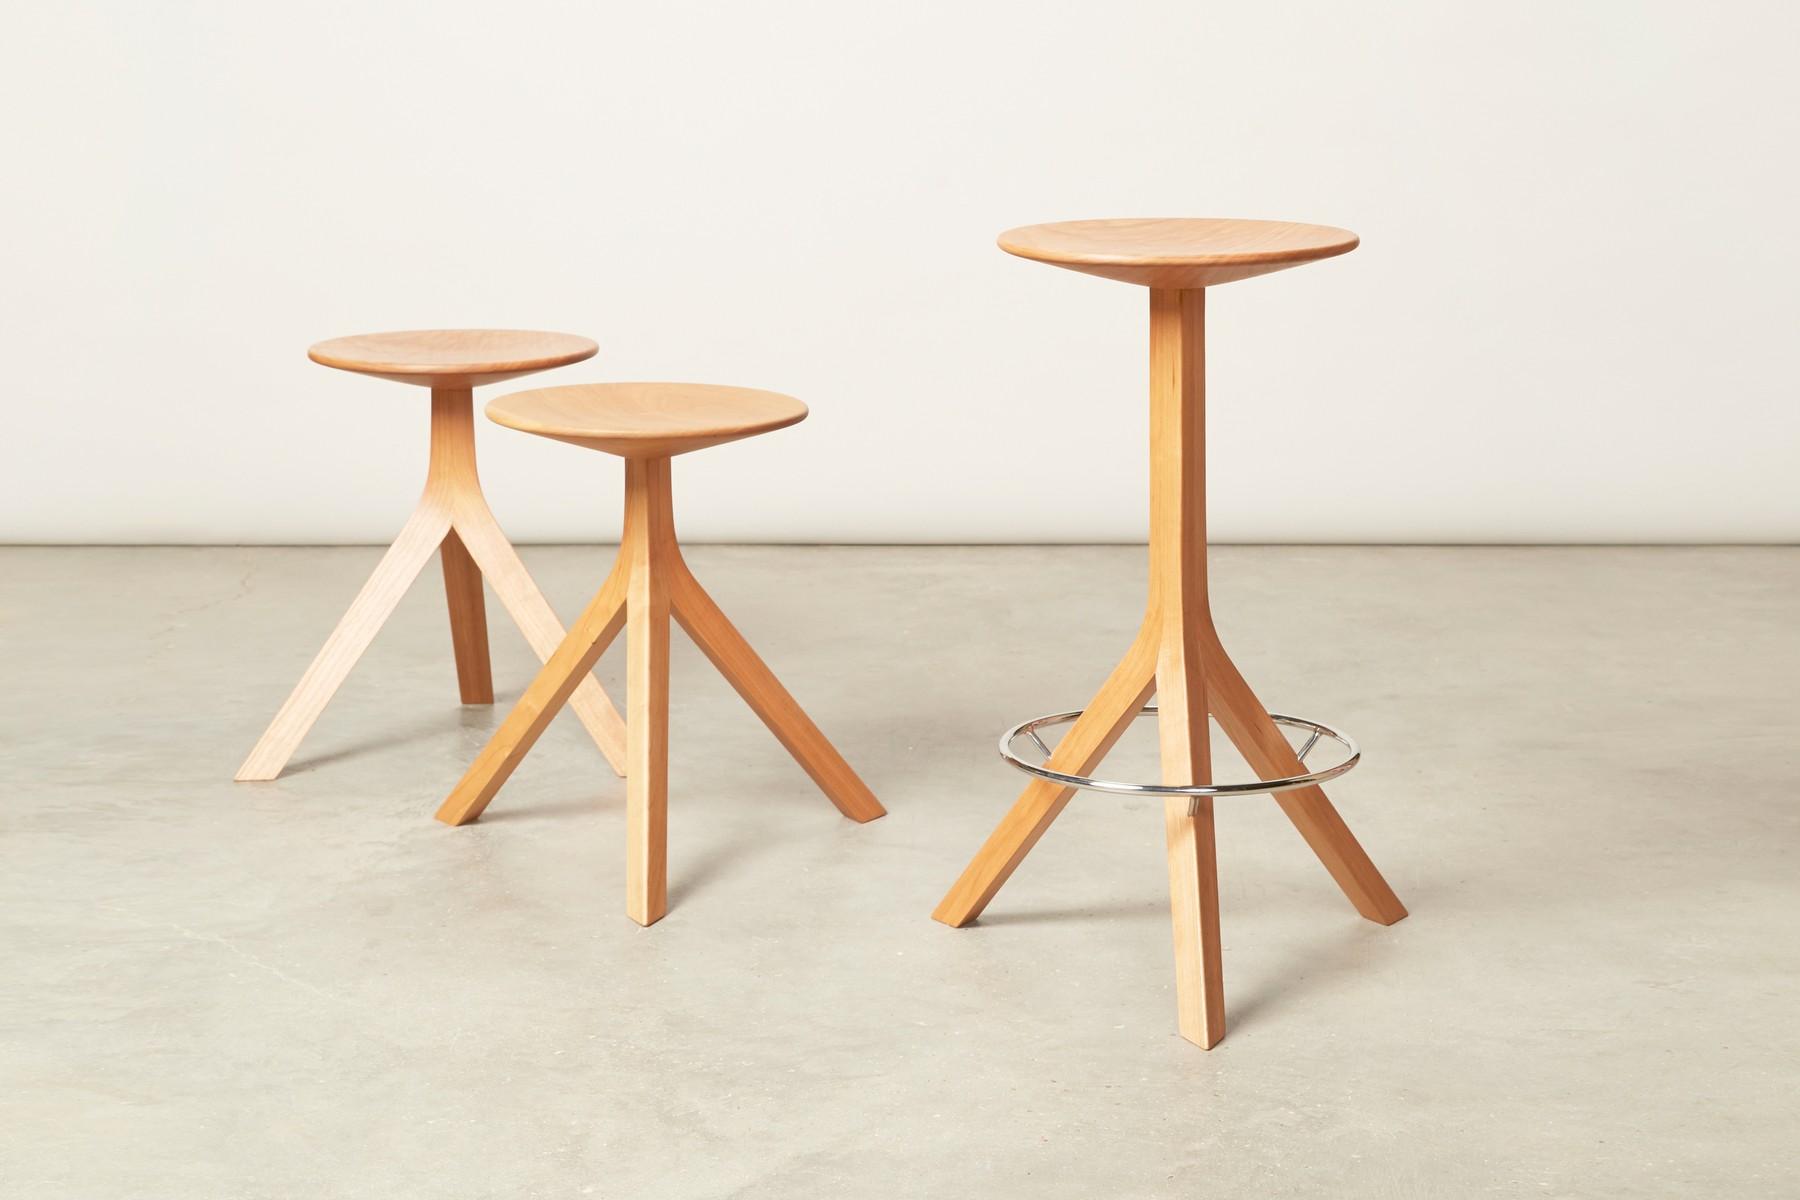 kitchen stool fall decor felix de pass 1